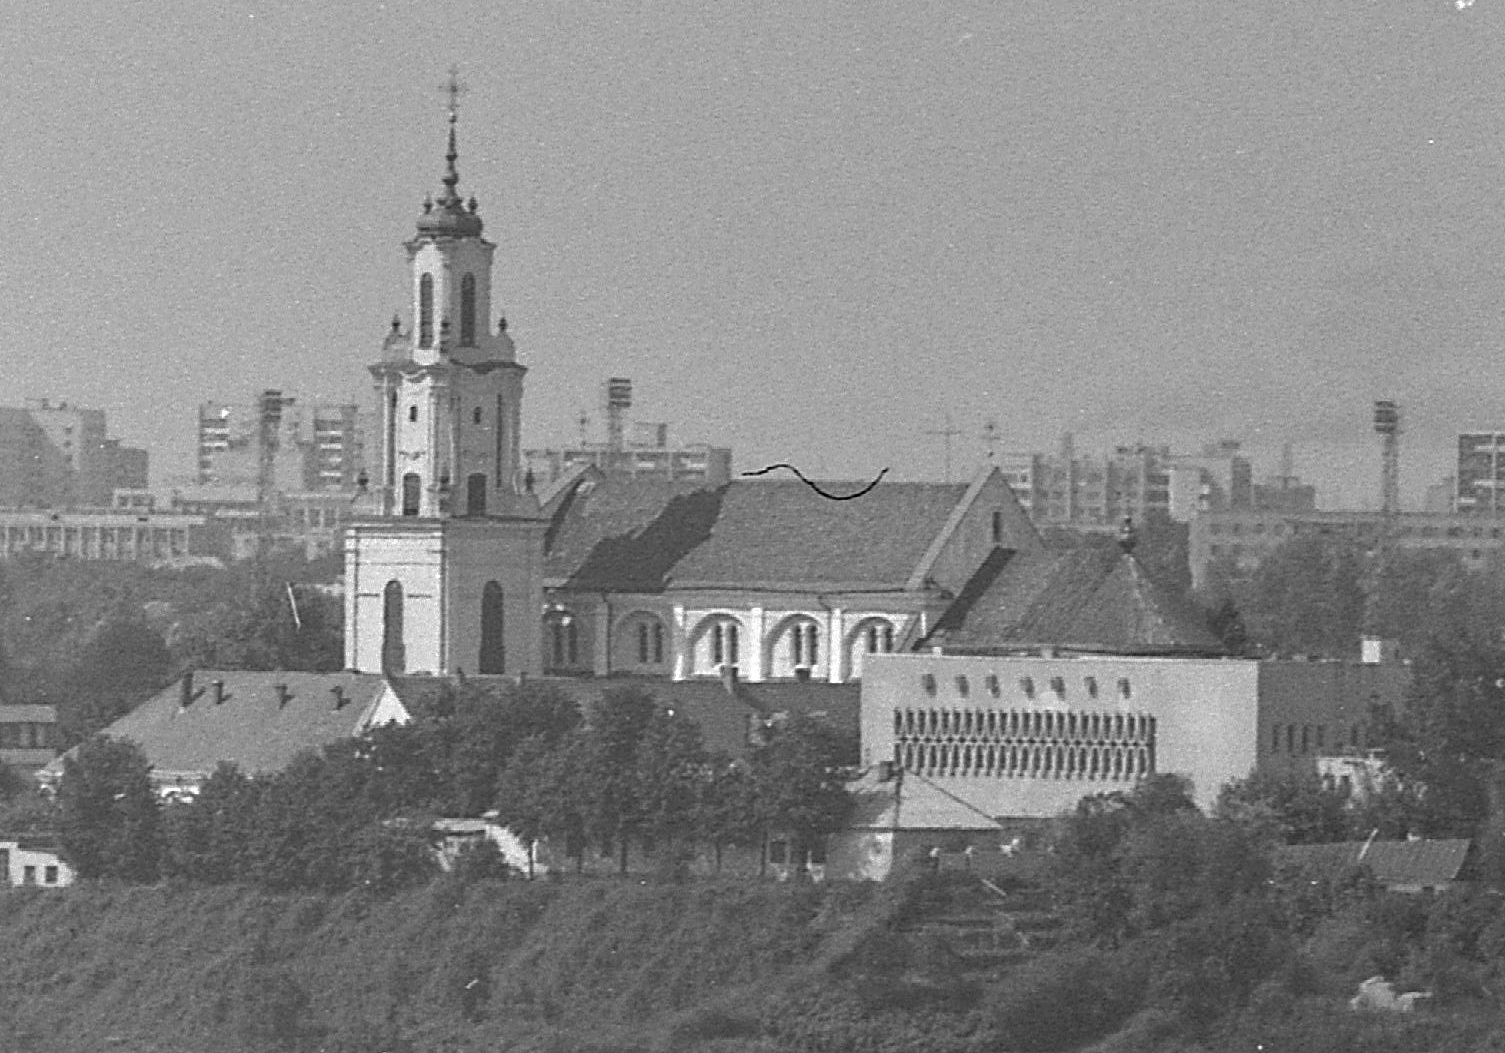 Ценность, о которой не знали. 10 лет назад в Гродно разрушили здание XVI в.